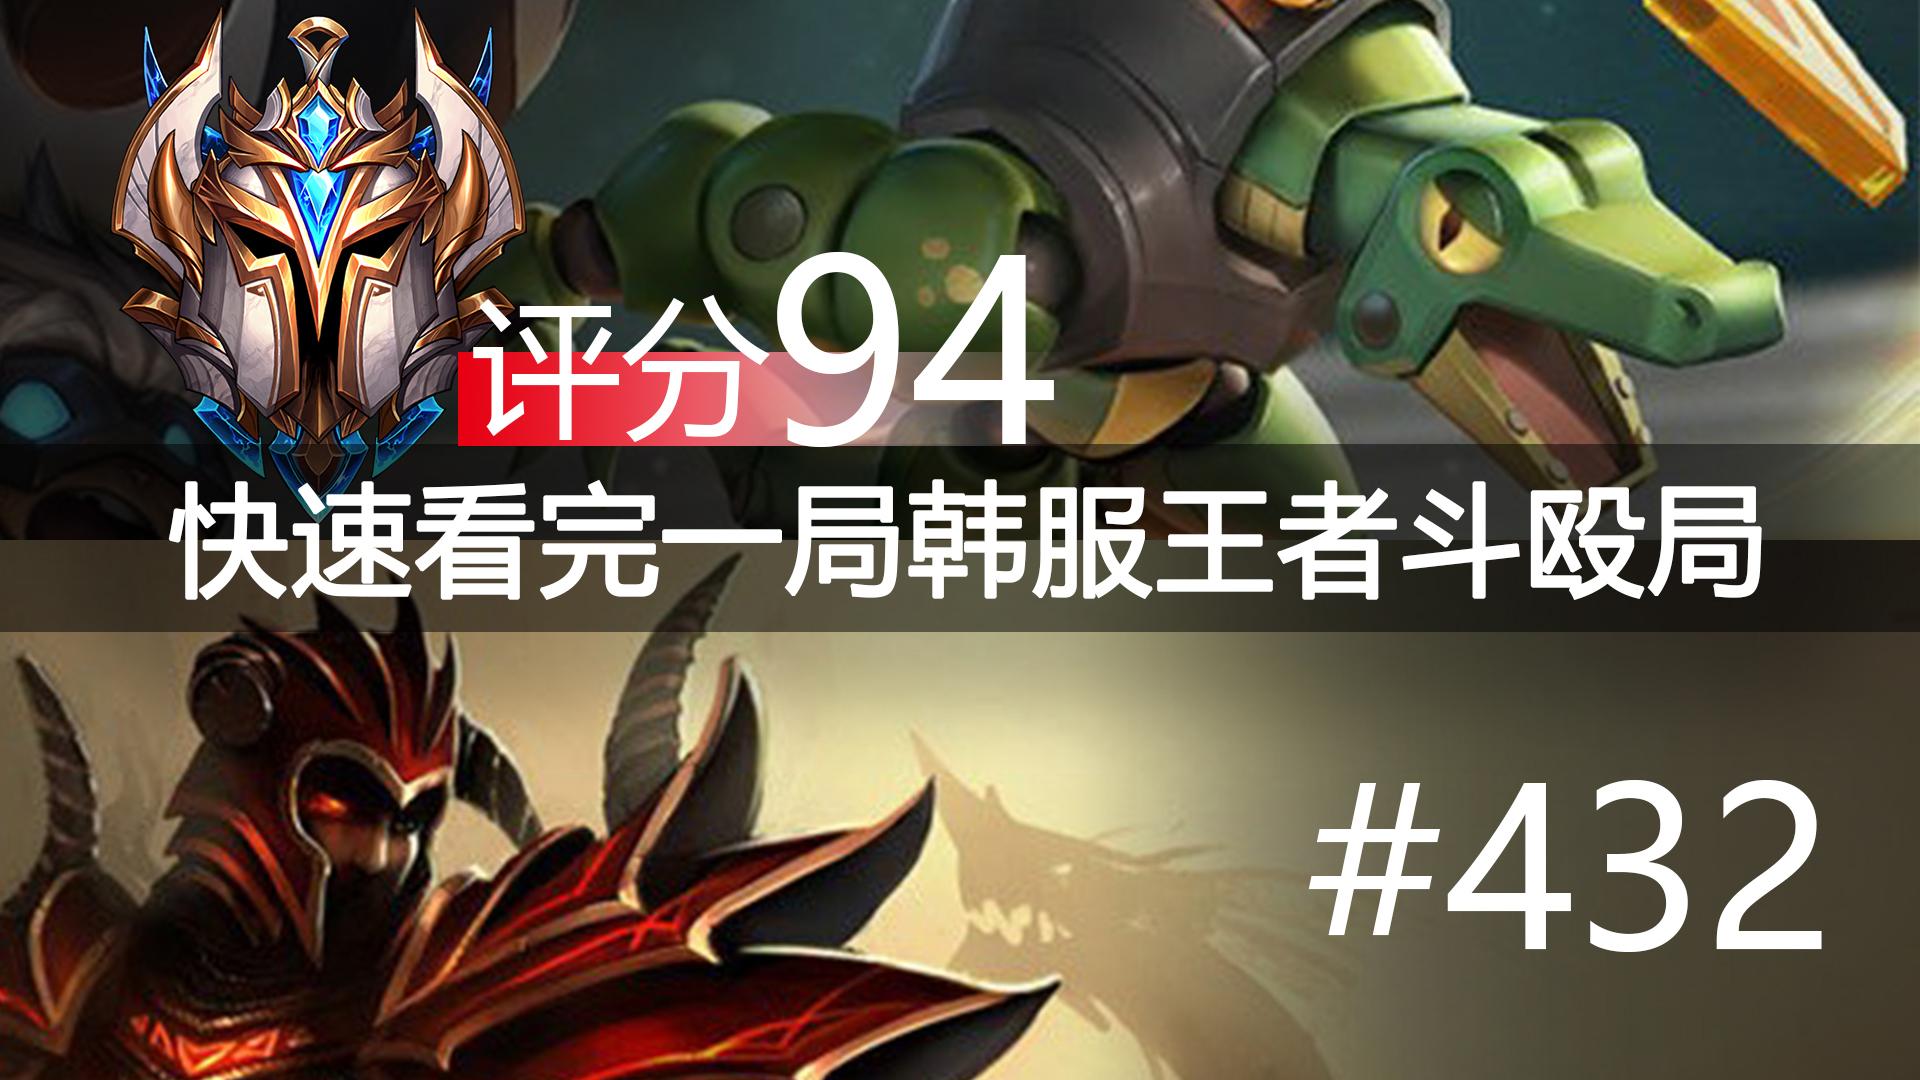 快速看完一局韩服王者斗殴局#432 Destiny,Zhuo